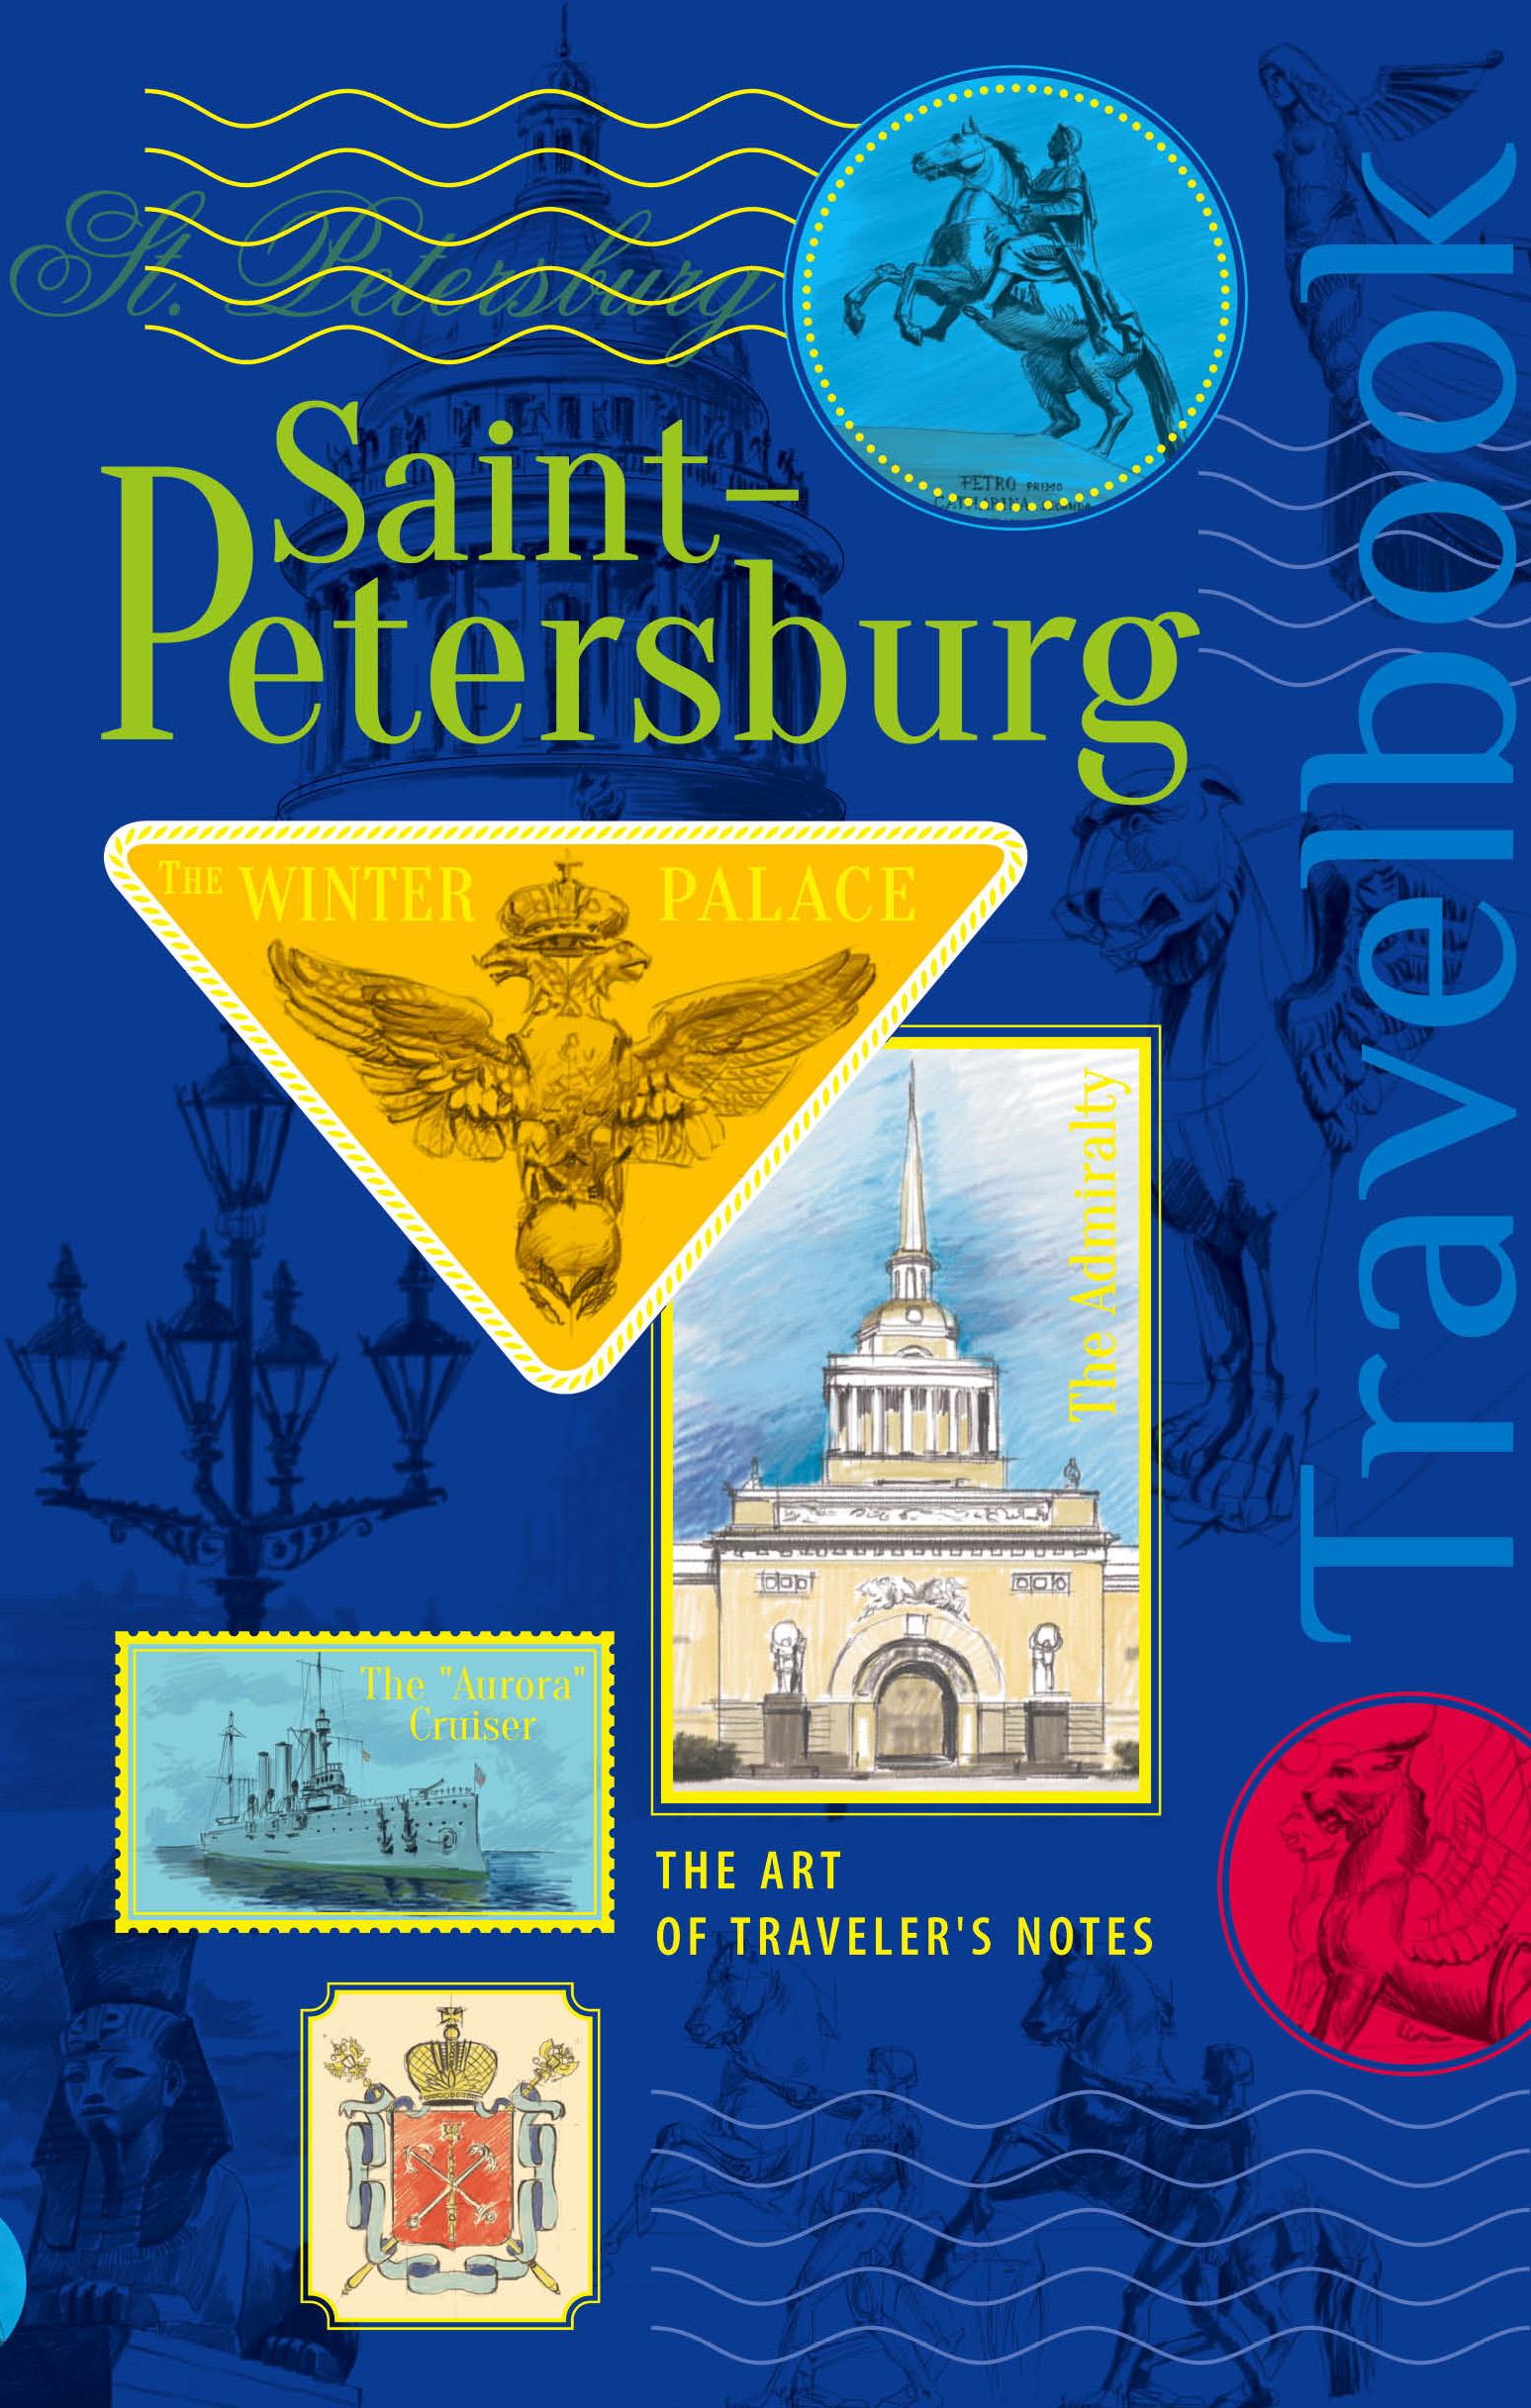 St. Petersburg. The Art of traveler?s Notes Санкт-Петербург. Книга эскизов. Искусство визуальных заметок (на английском языке) (синяя обложка) ISBN: 978-5-699-90533-1